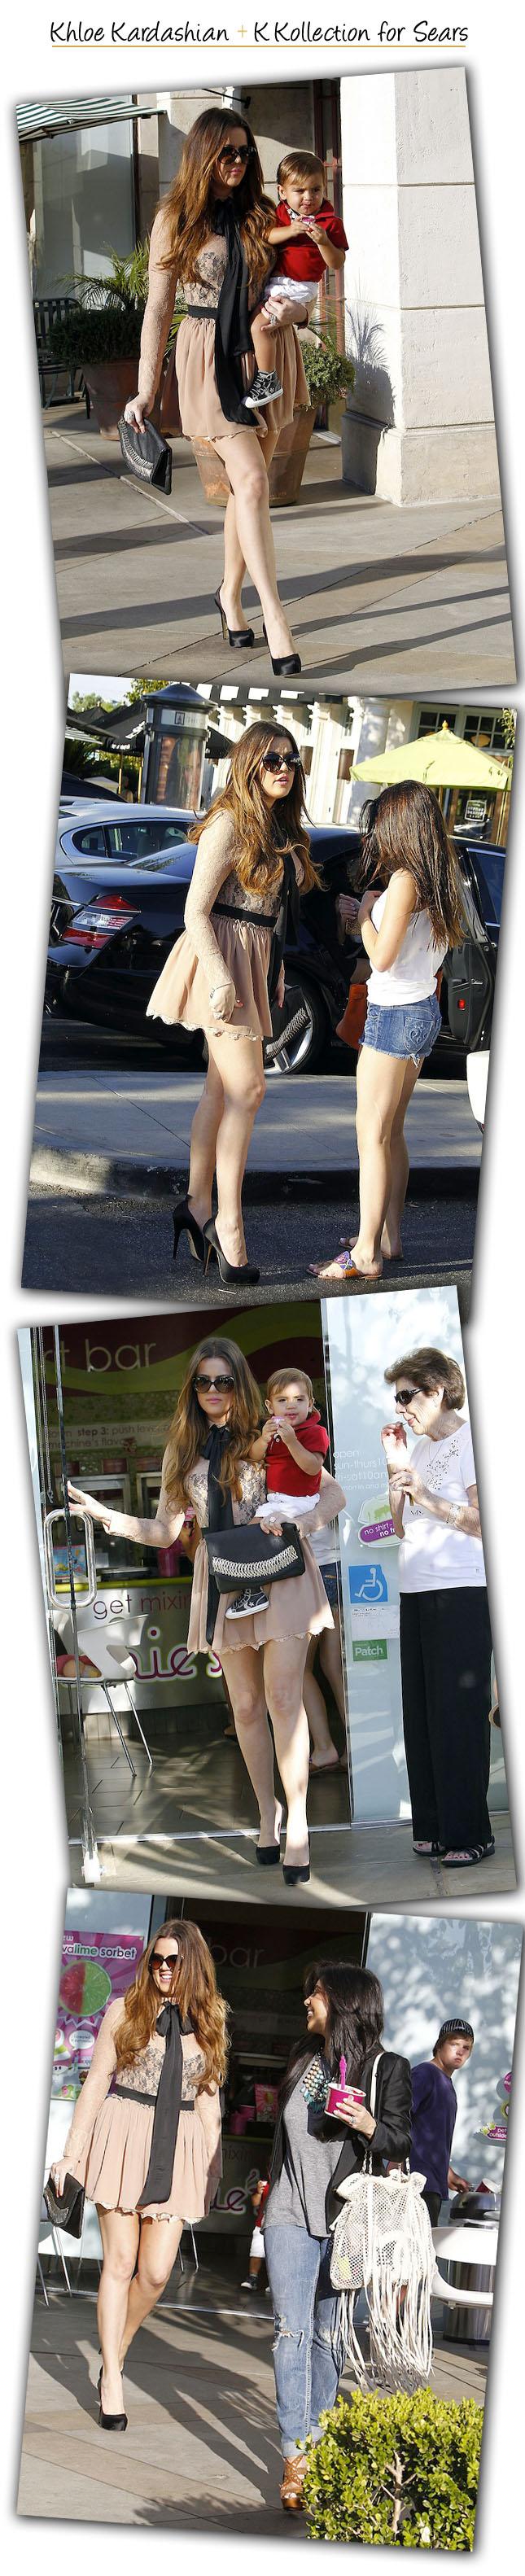 Look Kardashian usando sua coleção para a Sears